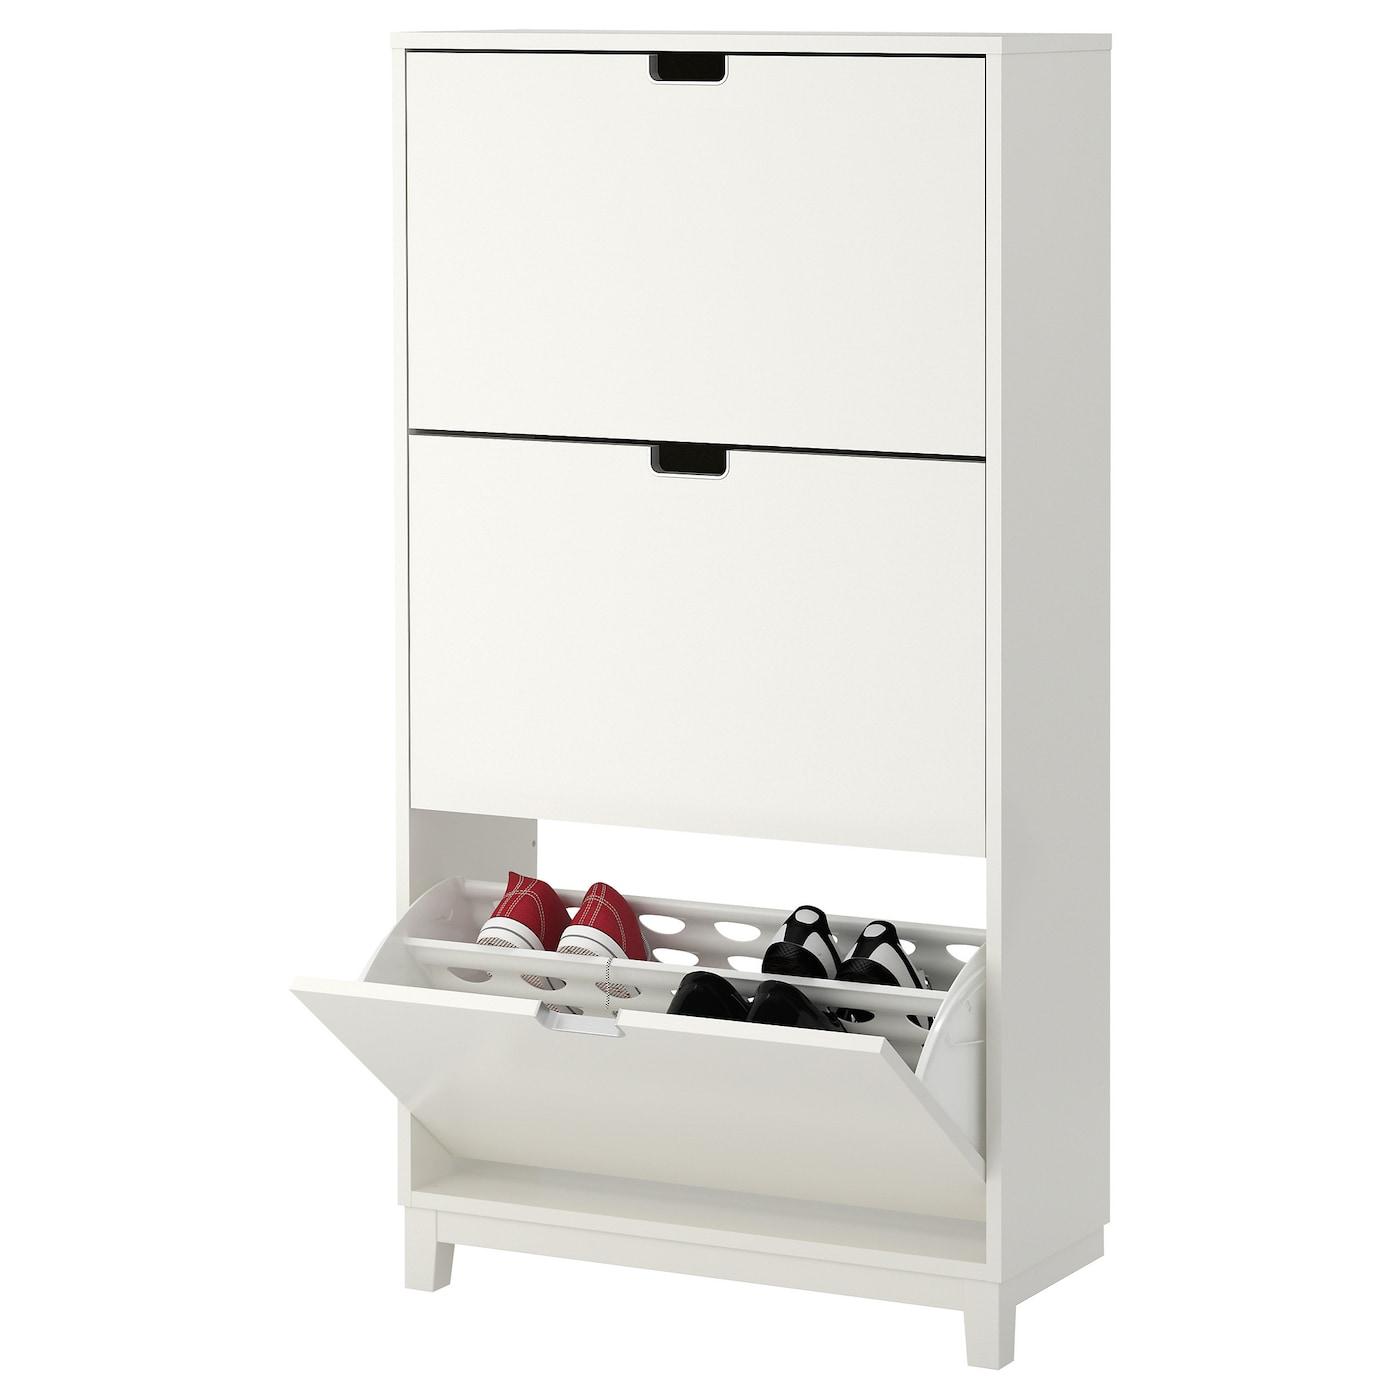 St ll zapatero 3 blanco 79 x 148 cm ikea - Zapatero ikea blanco ...